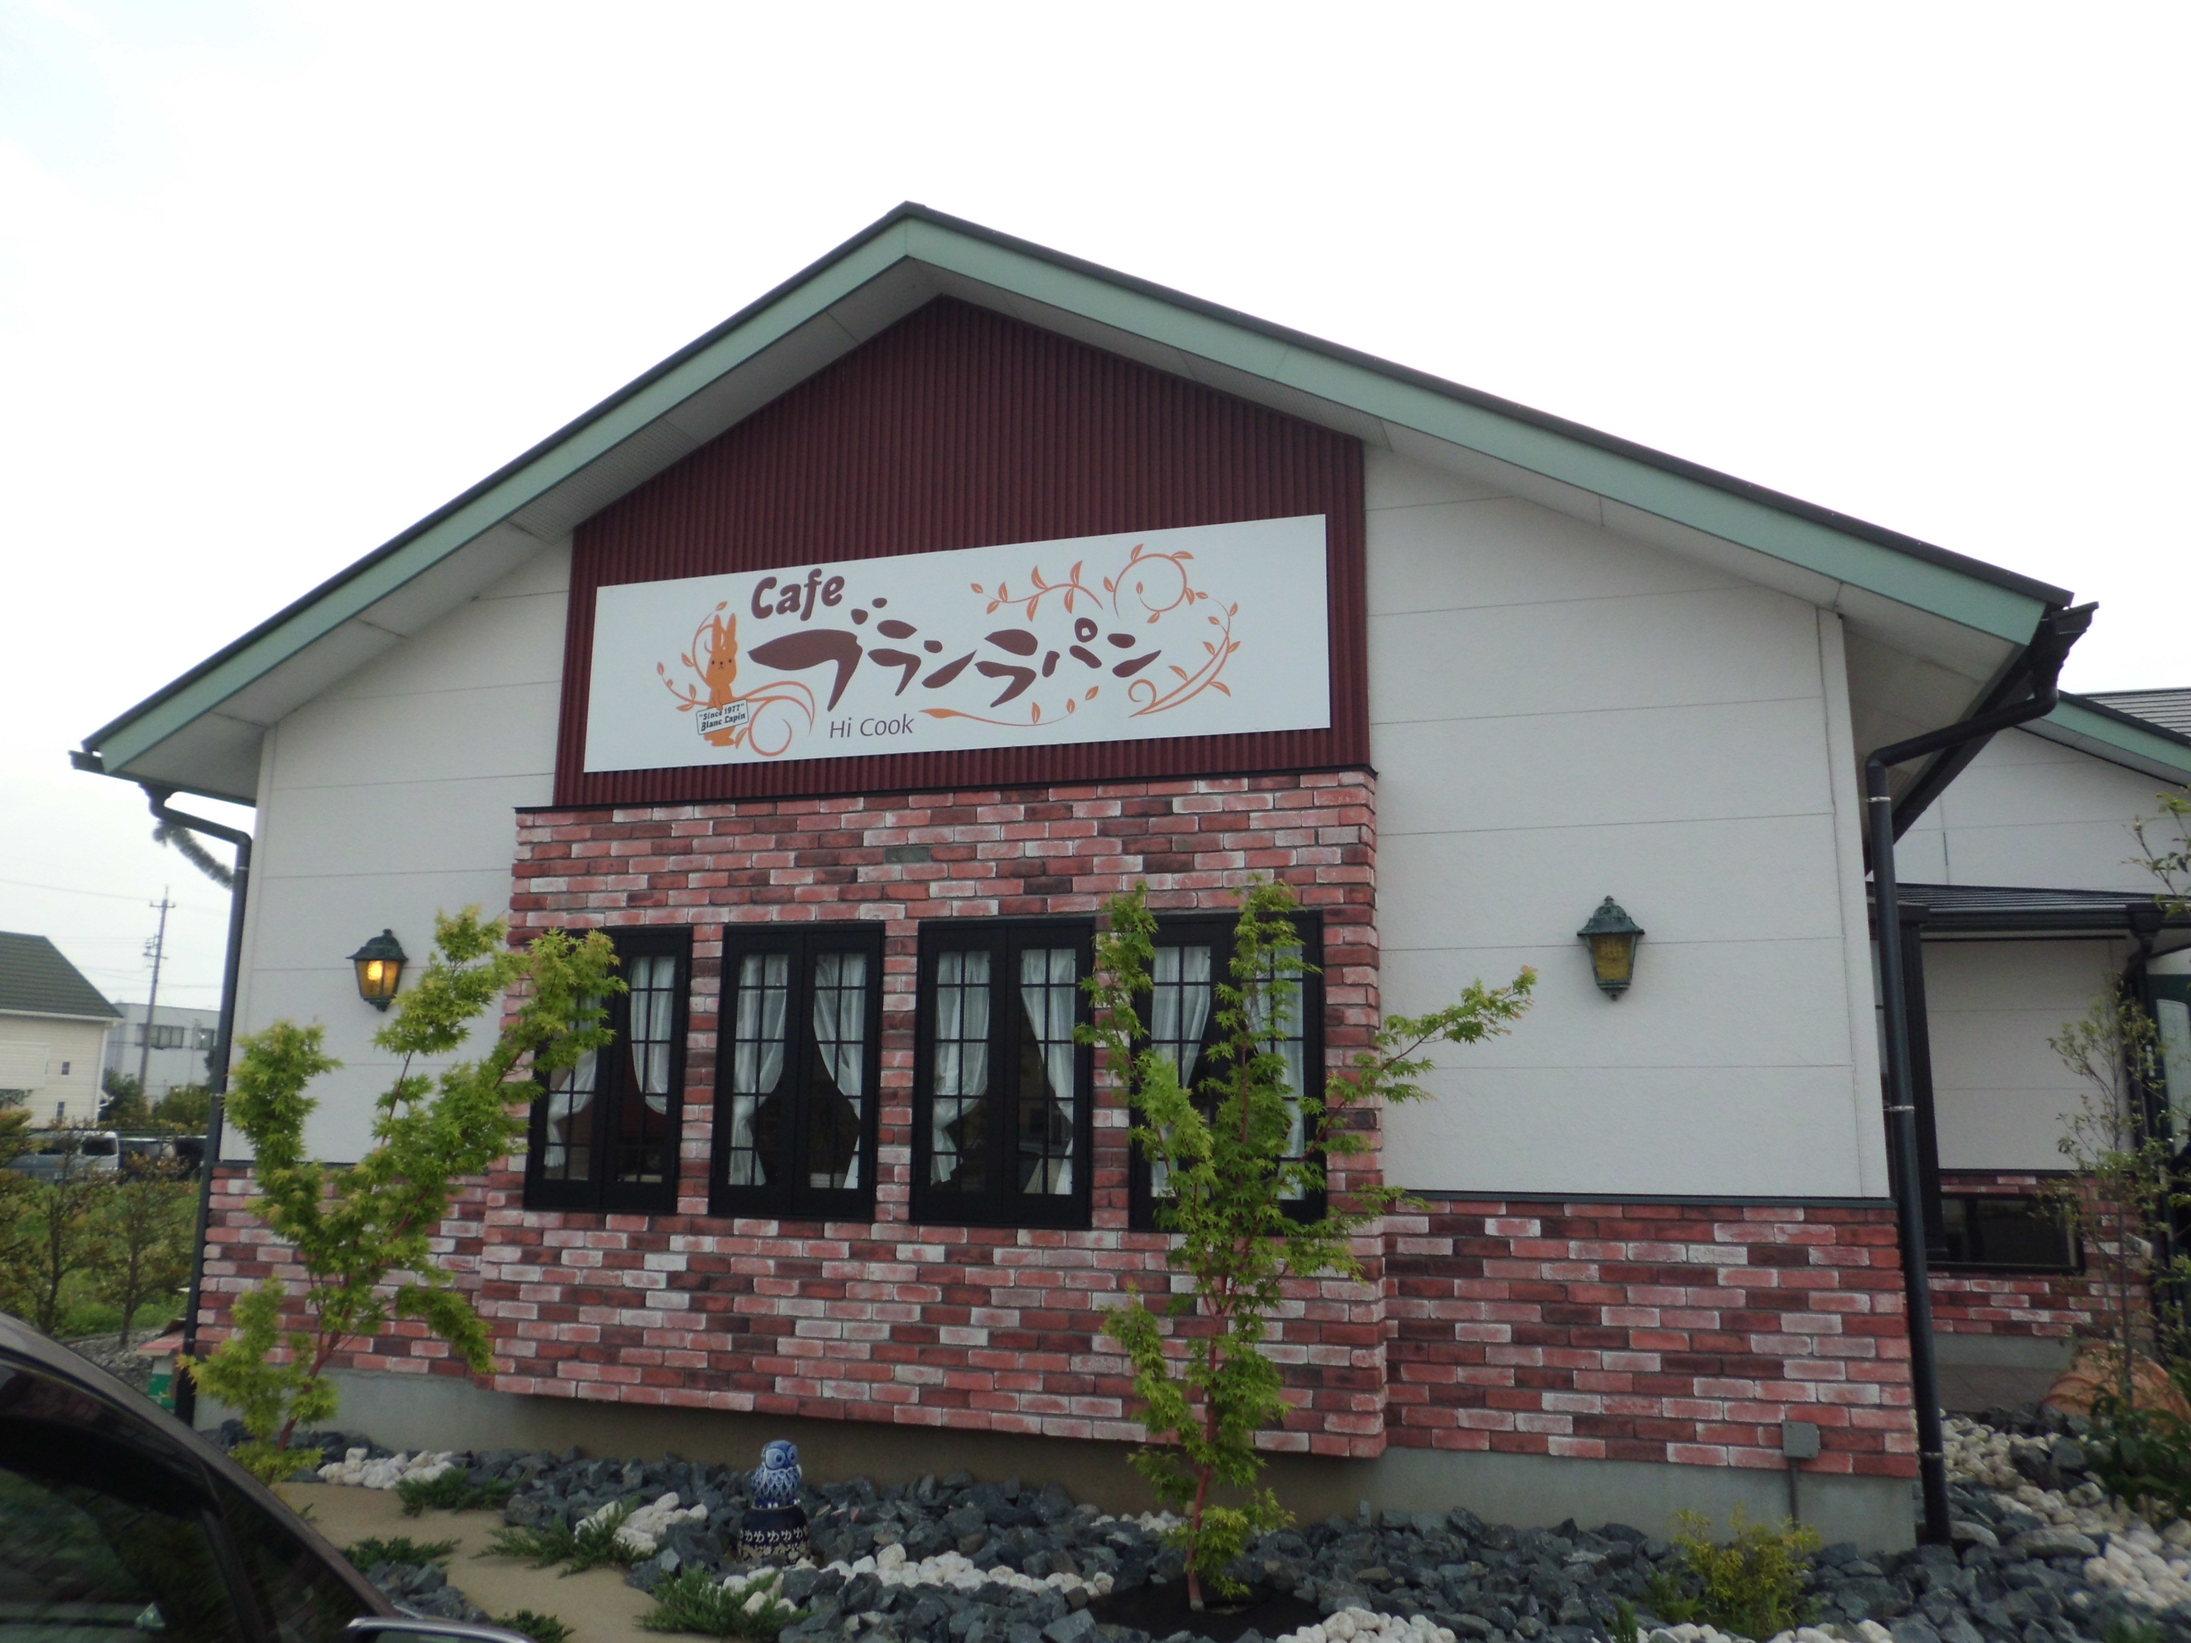 Cafe ブランラパン